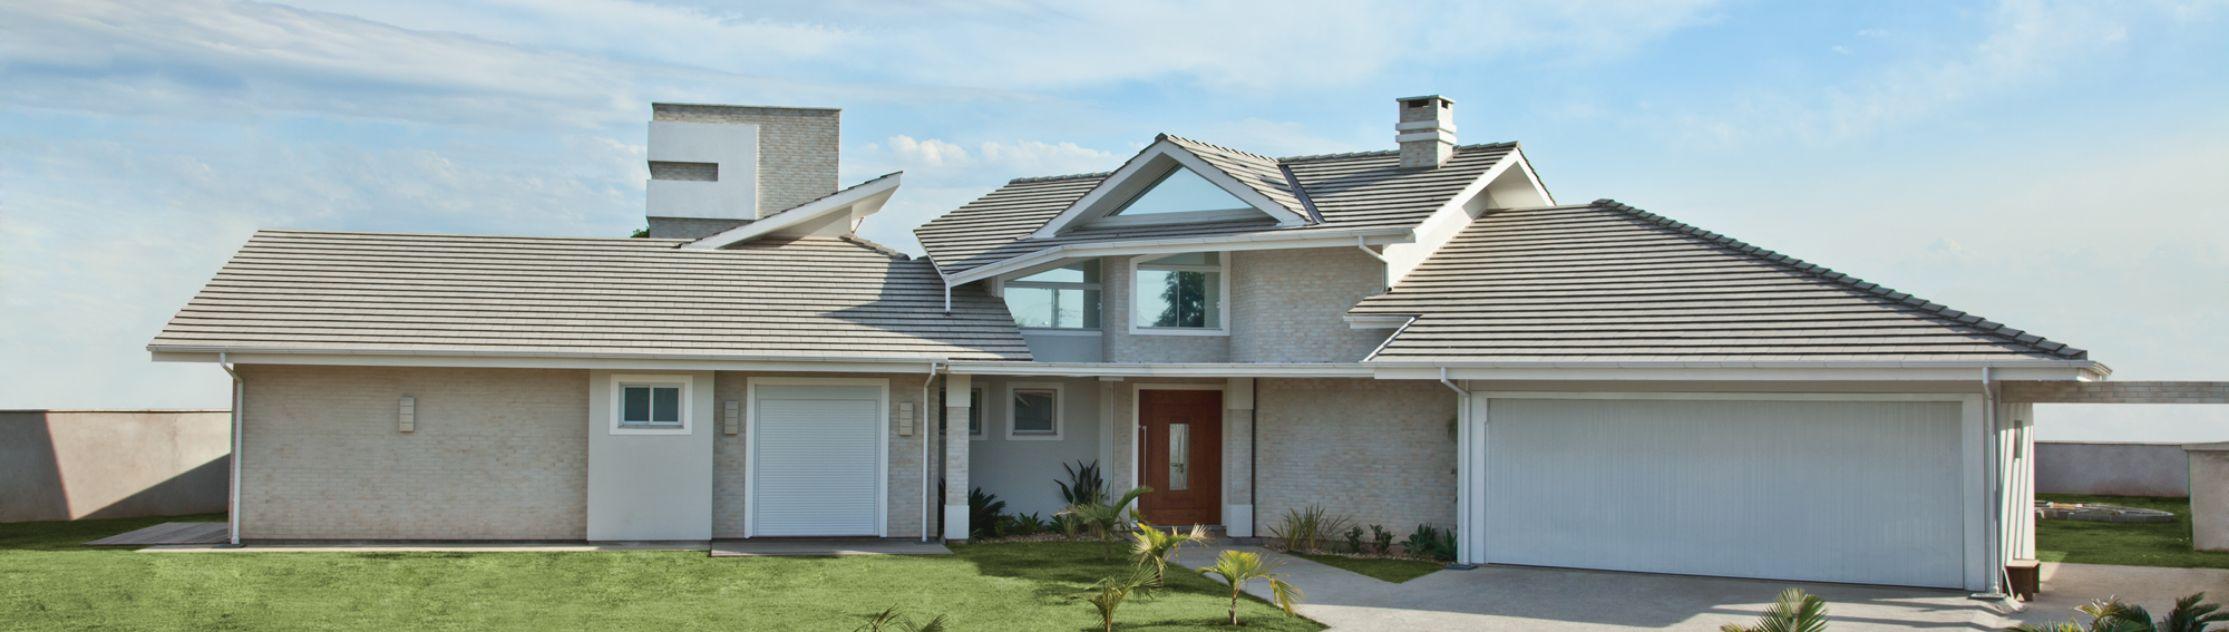 Imagem de uma casa com telhas Tégula